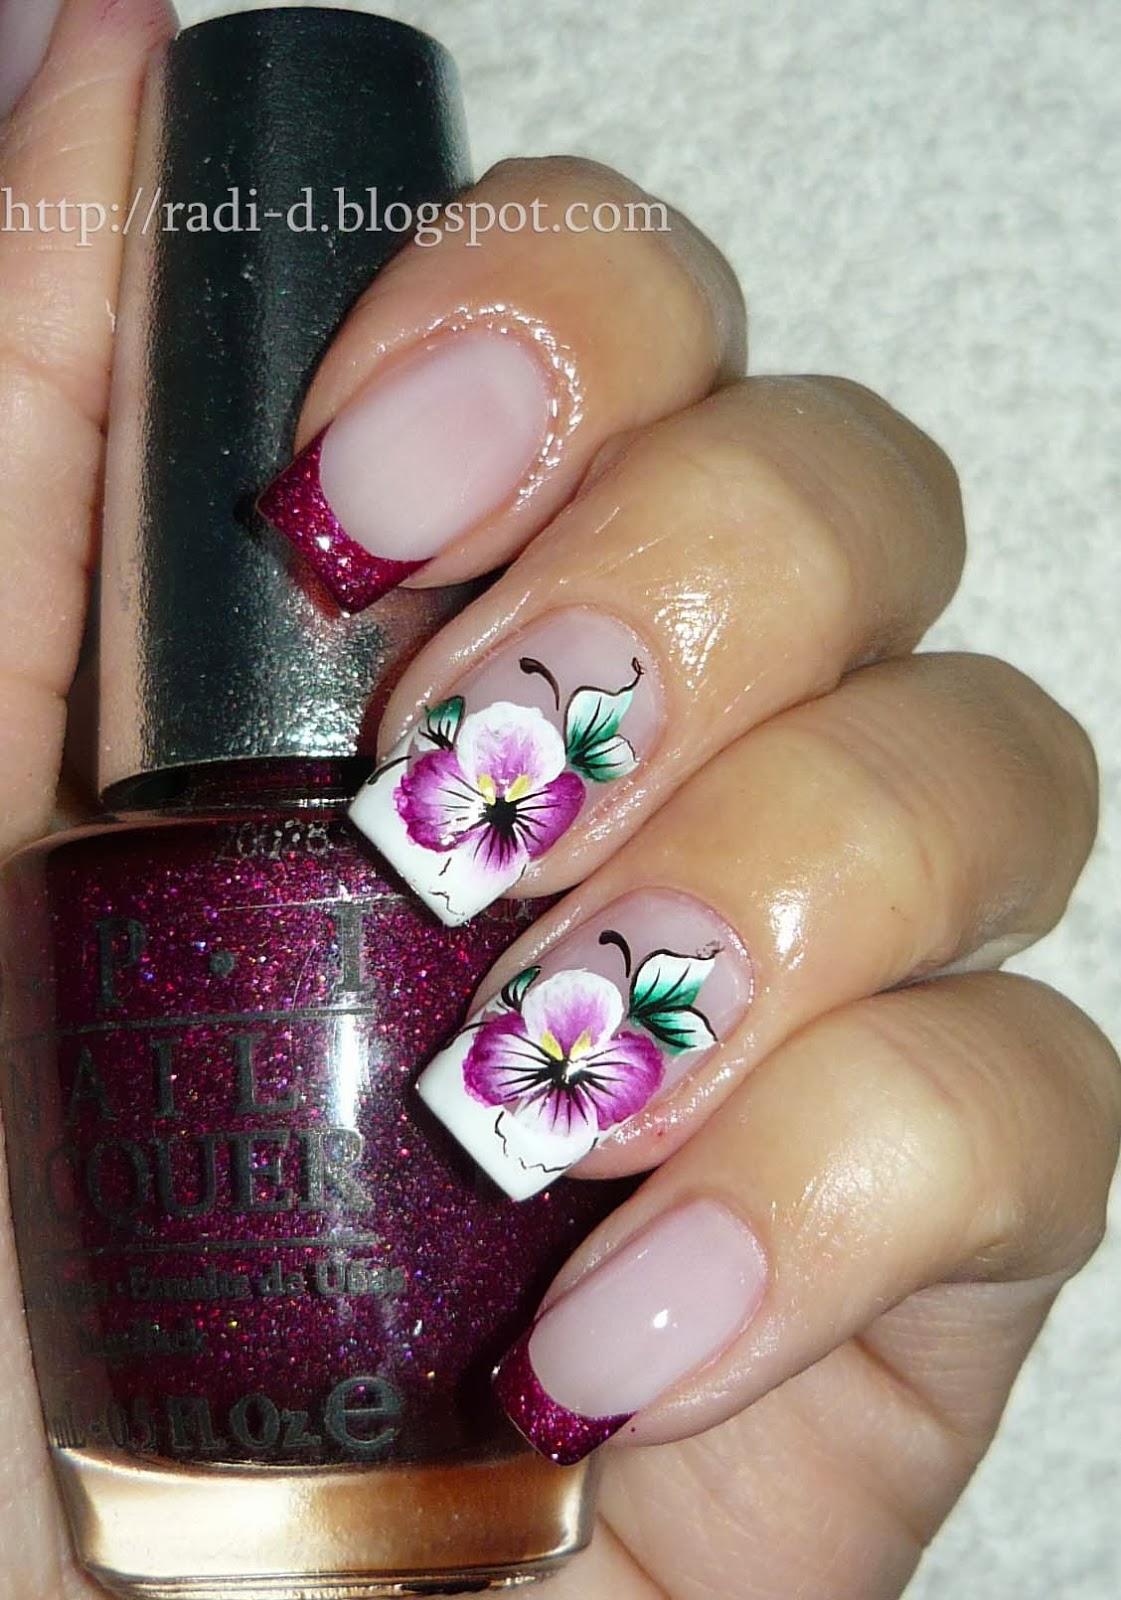 Маникюр фото ногтей с орхидеей